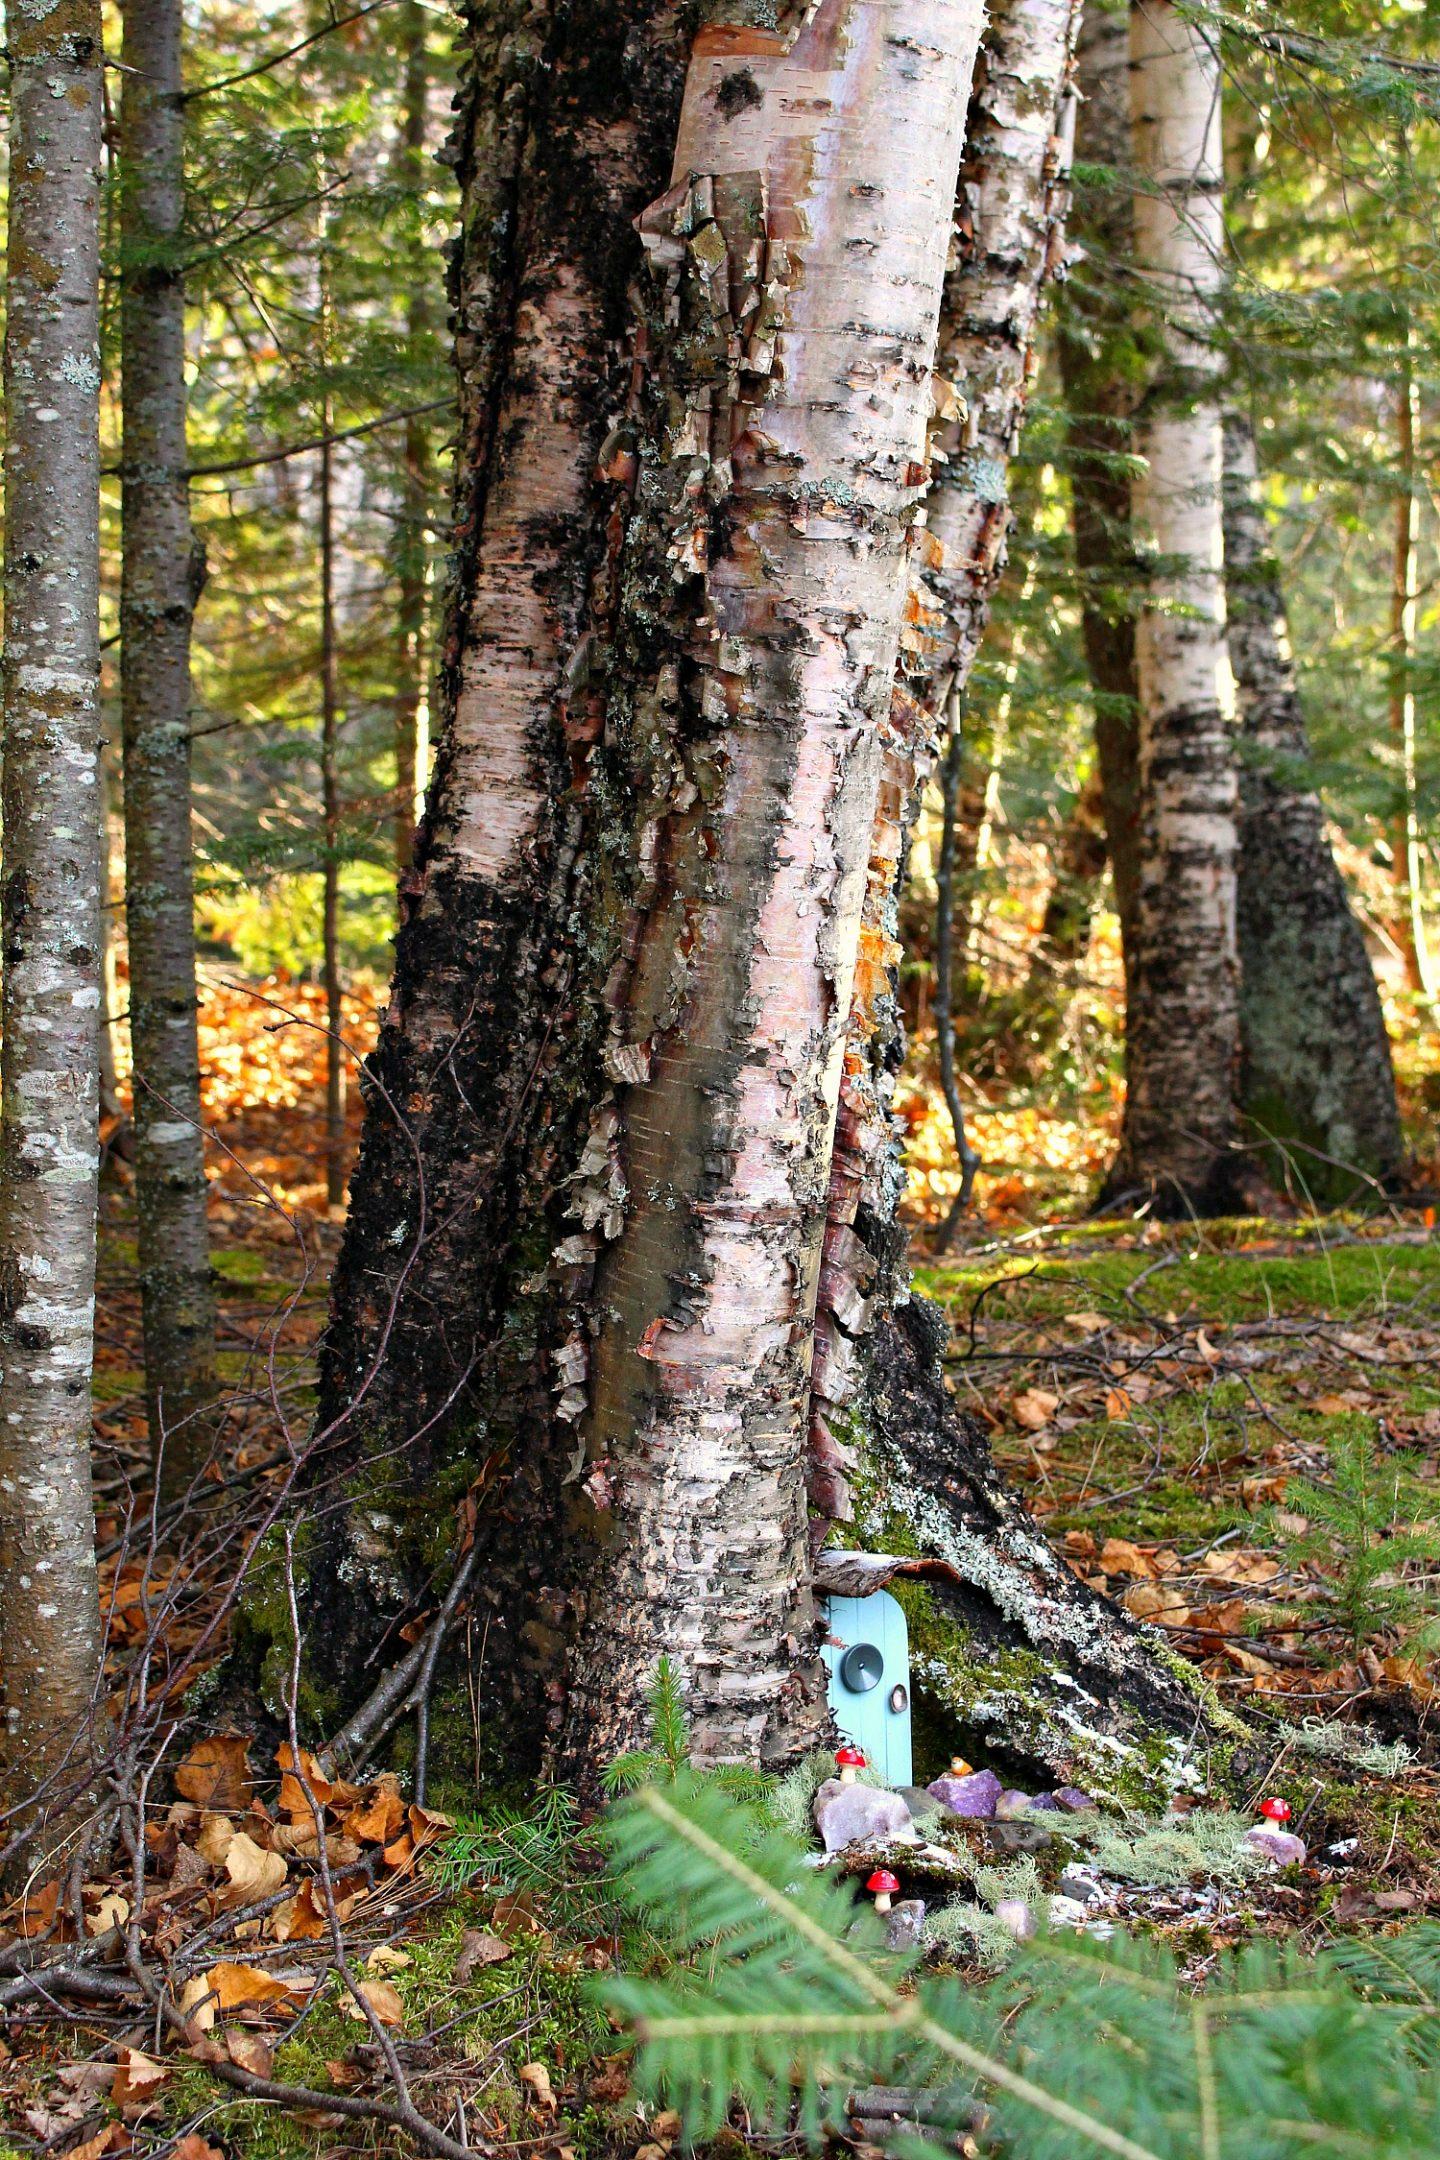 DIY Fairy Door in Tree Base